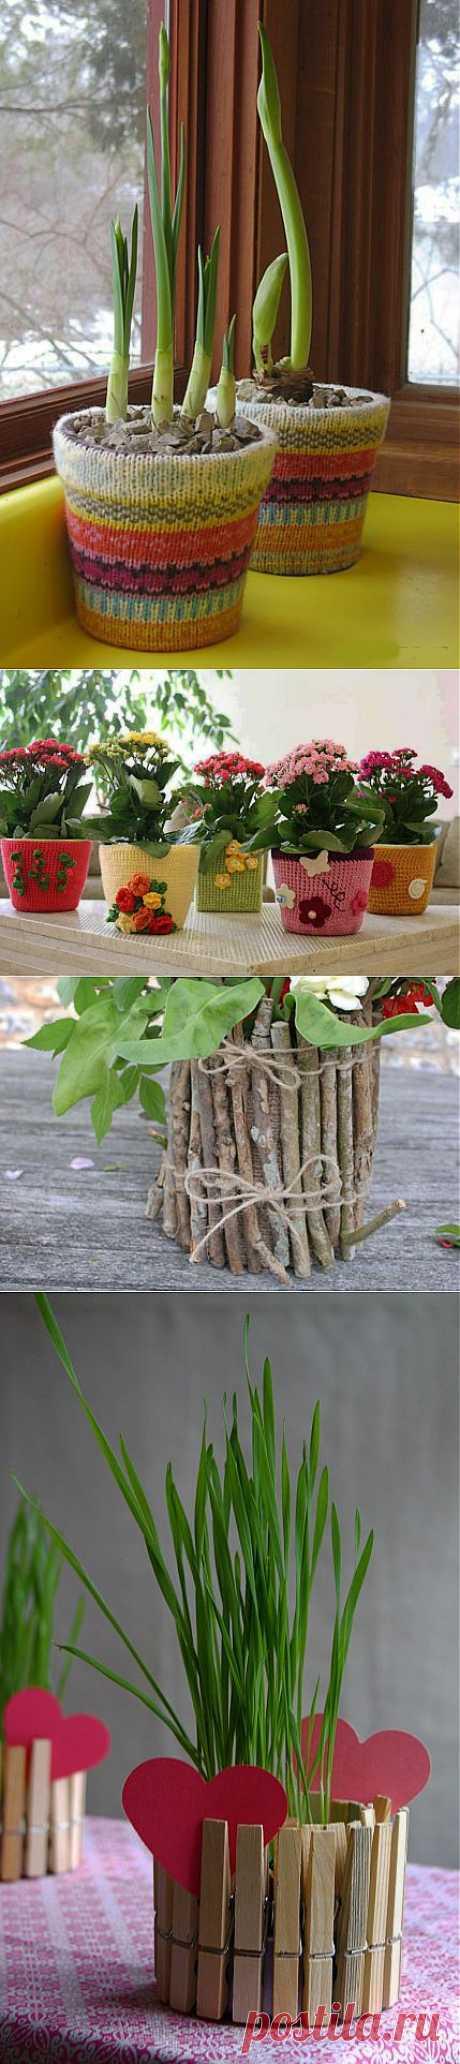 (+1) тема - Оригинальный декор цветочных горшков. Фото-идеи   Интерьер и Дизайн